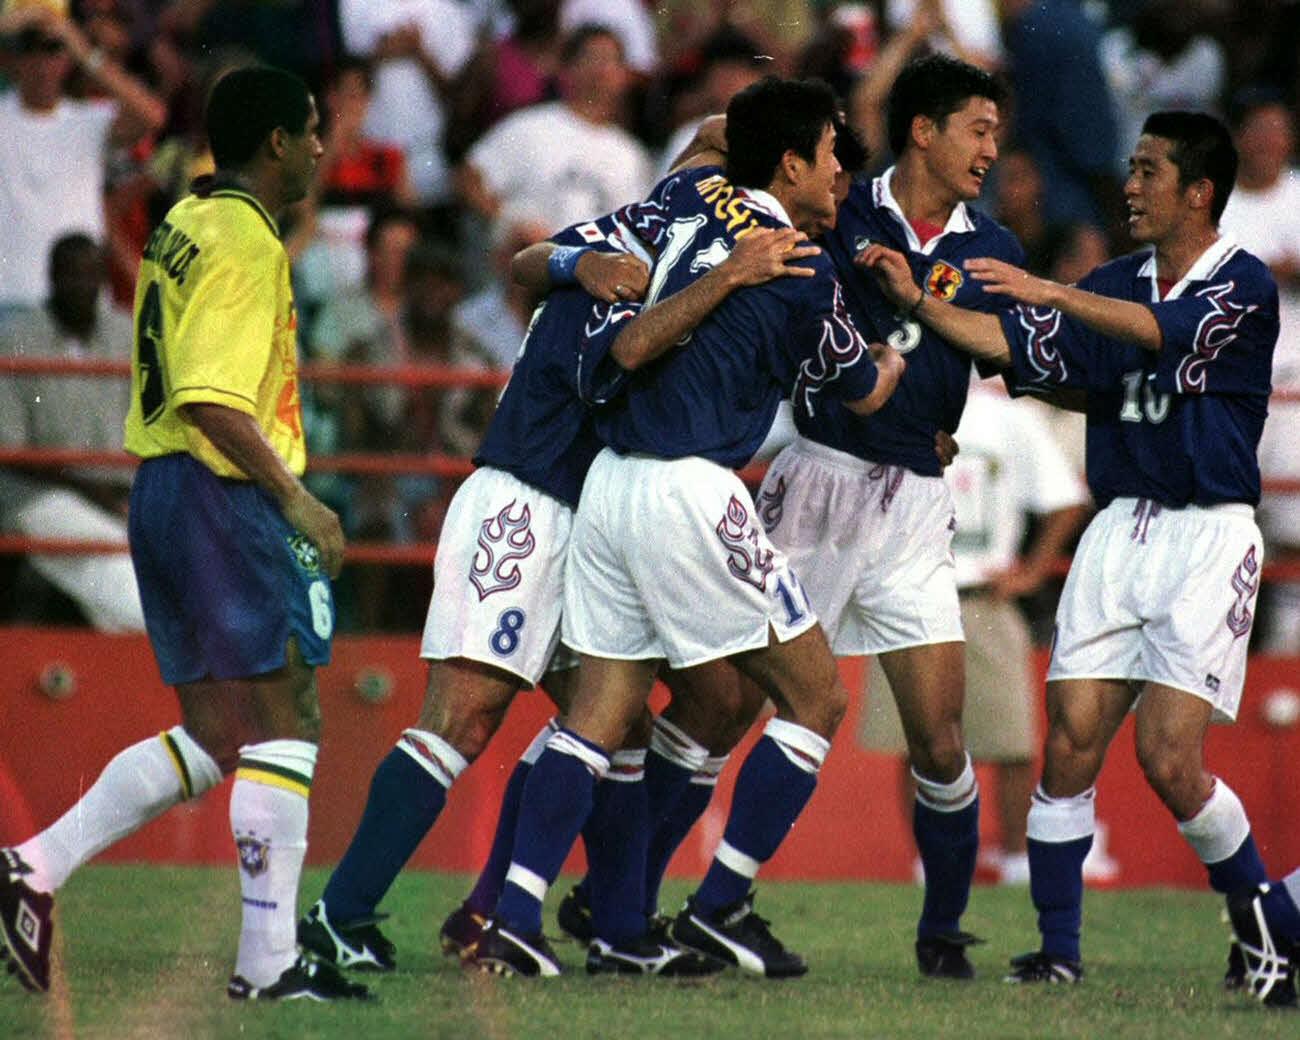 96年7月、アトランタ五輪・サッカー男子予選リーグ 日本対ブラジル 後半27分、決勝ゴールを決め喜ぶ左2人目から伊東輝悦、路木龍次、鈴木秀人、遠藤彰弘。左端はブラジルのロベルト・カルロス